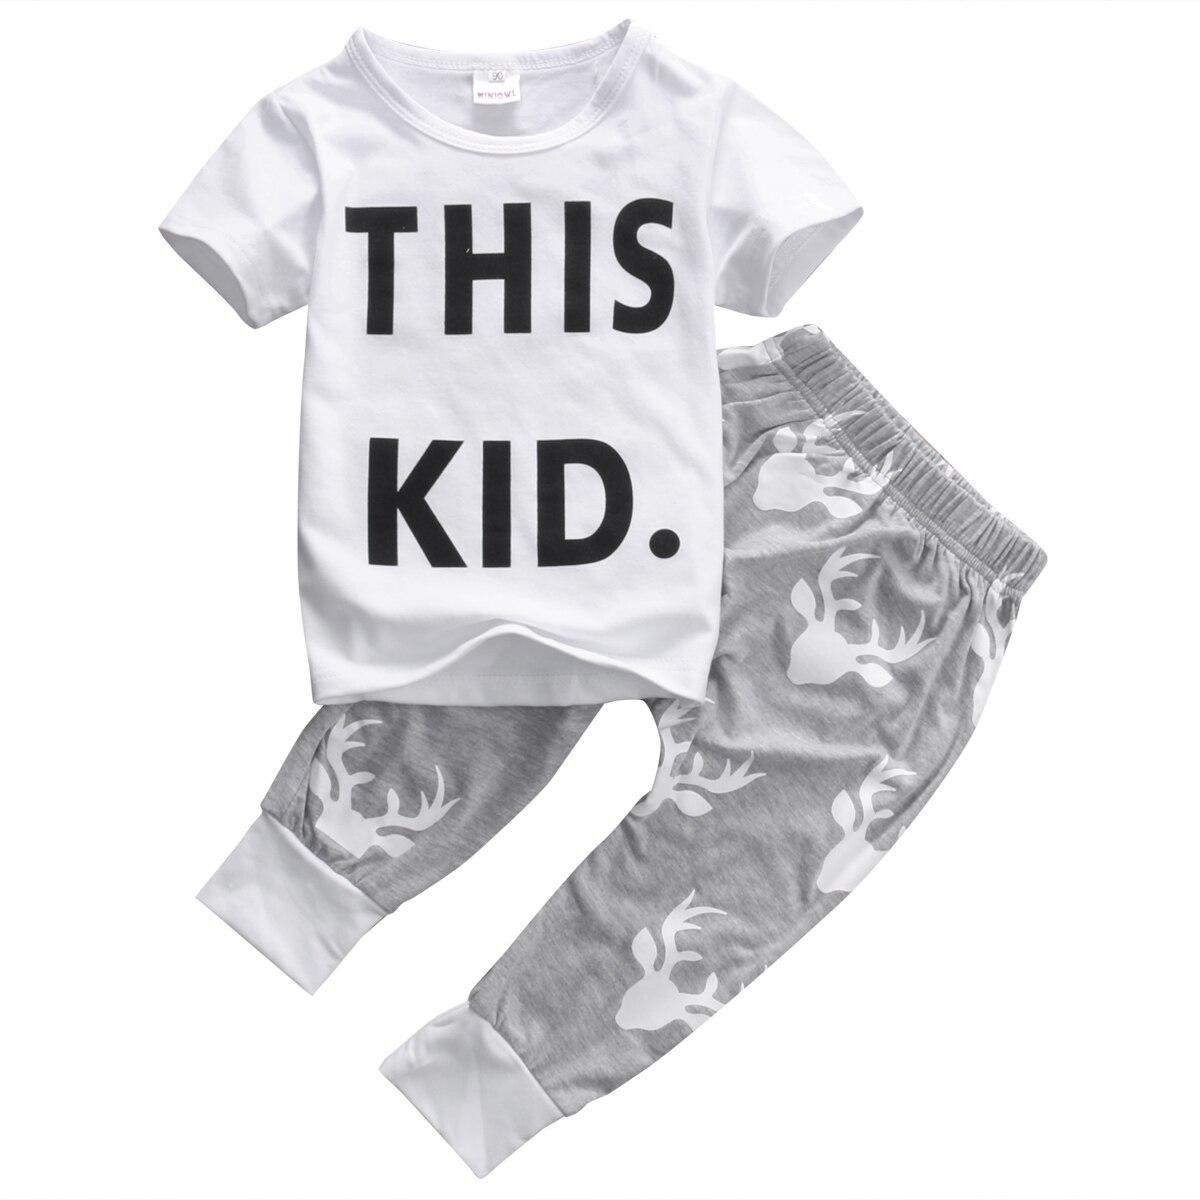 Для маленьких мальчиков Детский праздник Повседневное короткий рукав Футболка + Брюки для девочек наряды 2 шт. Милая летняя удобная одежда к...